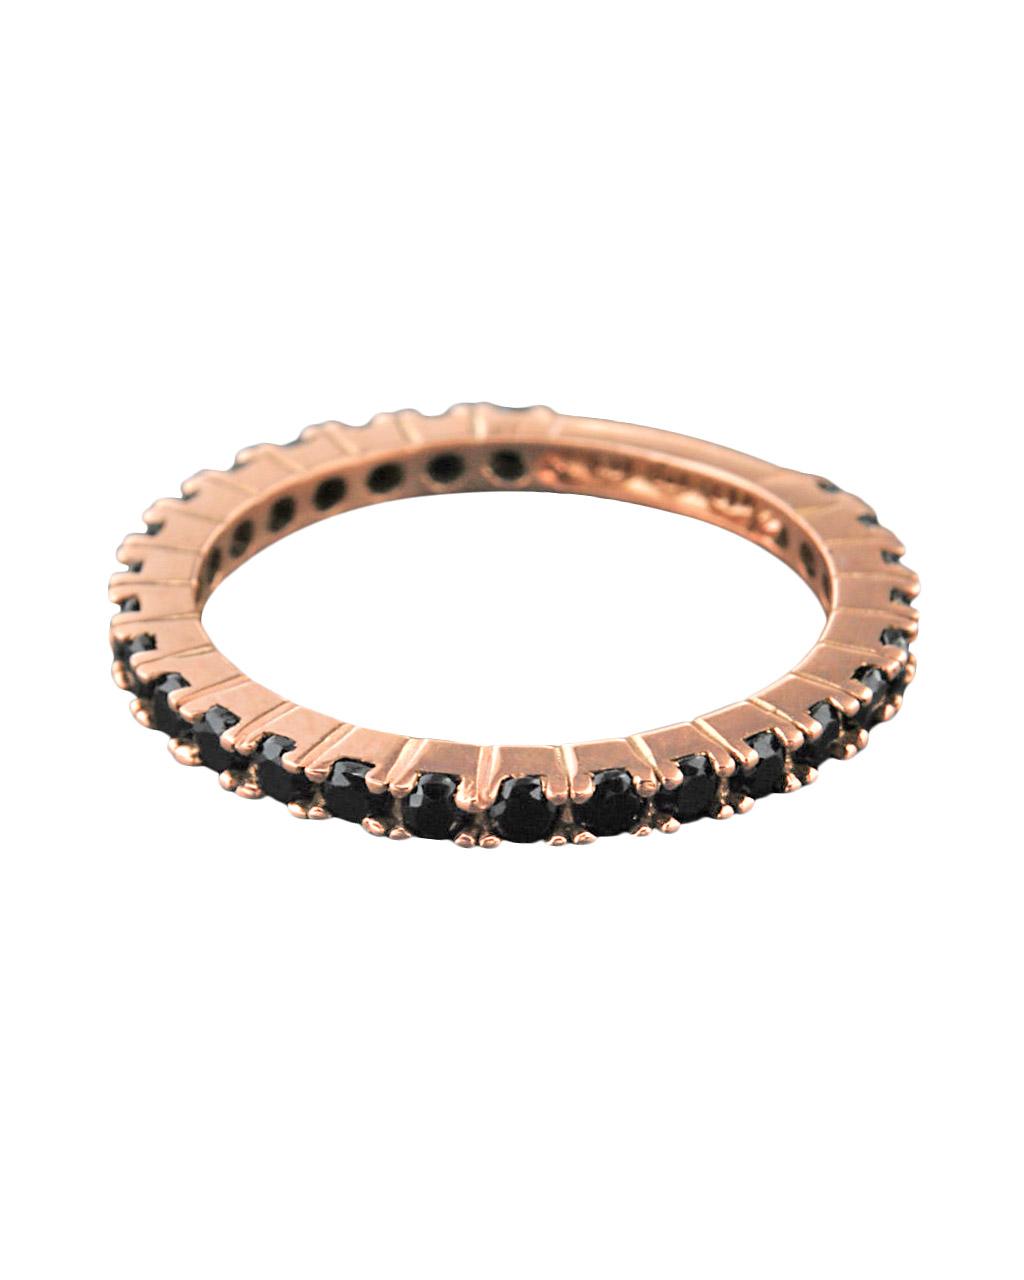 Δαχτυλίδι από ροζ χρυσό Κ14 με Ζιργκόν   γυναικα δαχτυλίδια δαχτυλίδια ροζ χρυσό